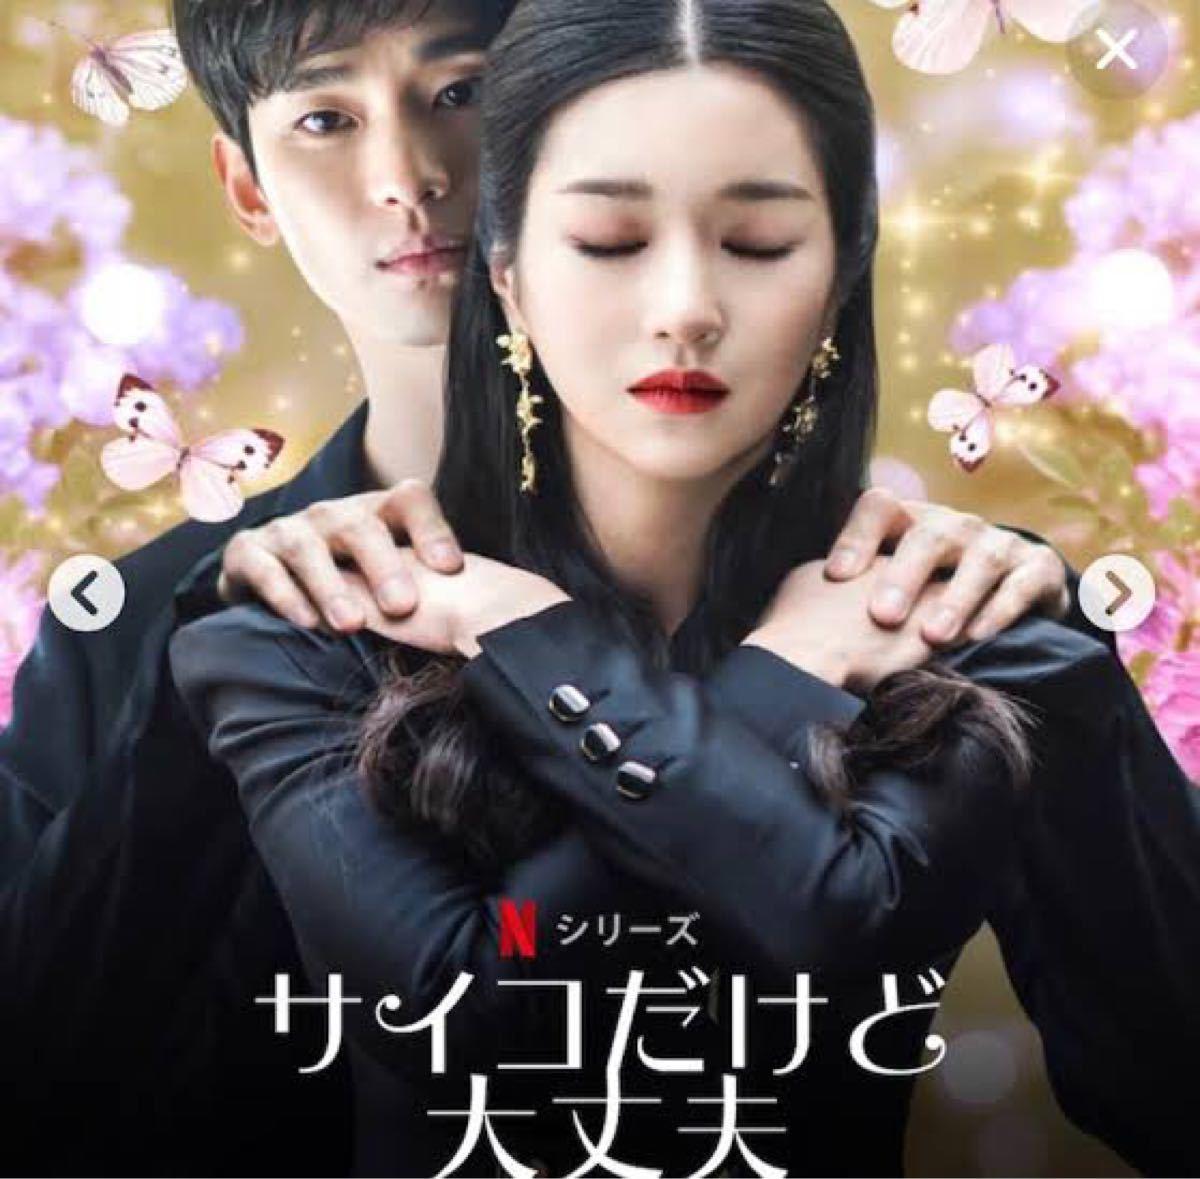 【サイコだけど大丈夫】韓国ドラマ/Blu-rayブルーレイ全話収録!2〜3日で発送★